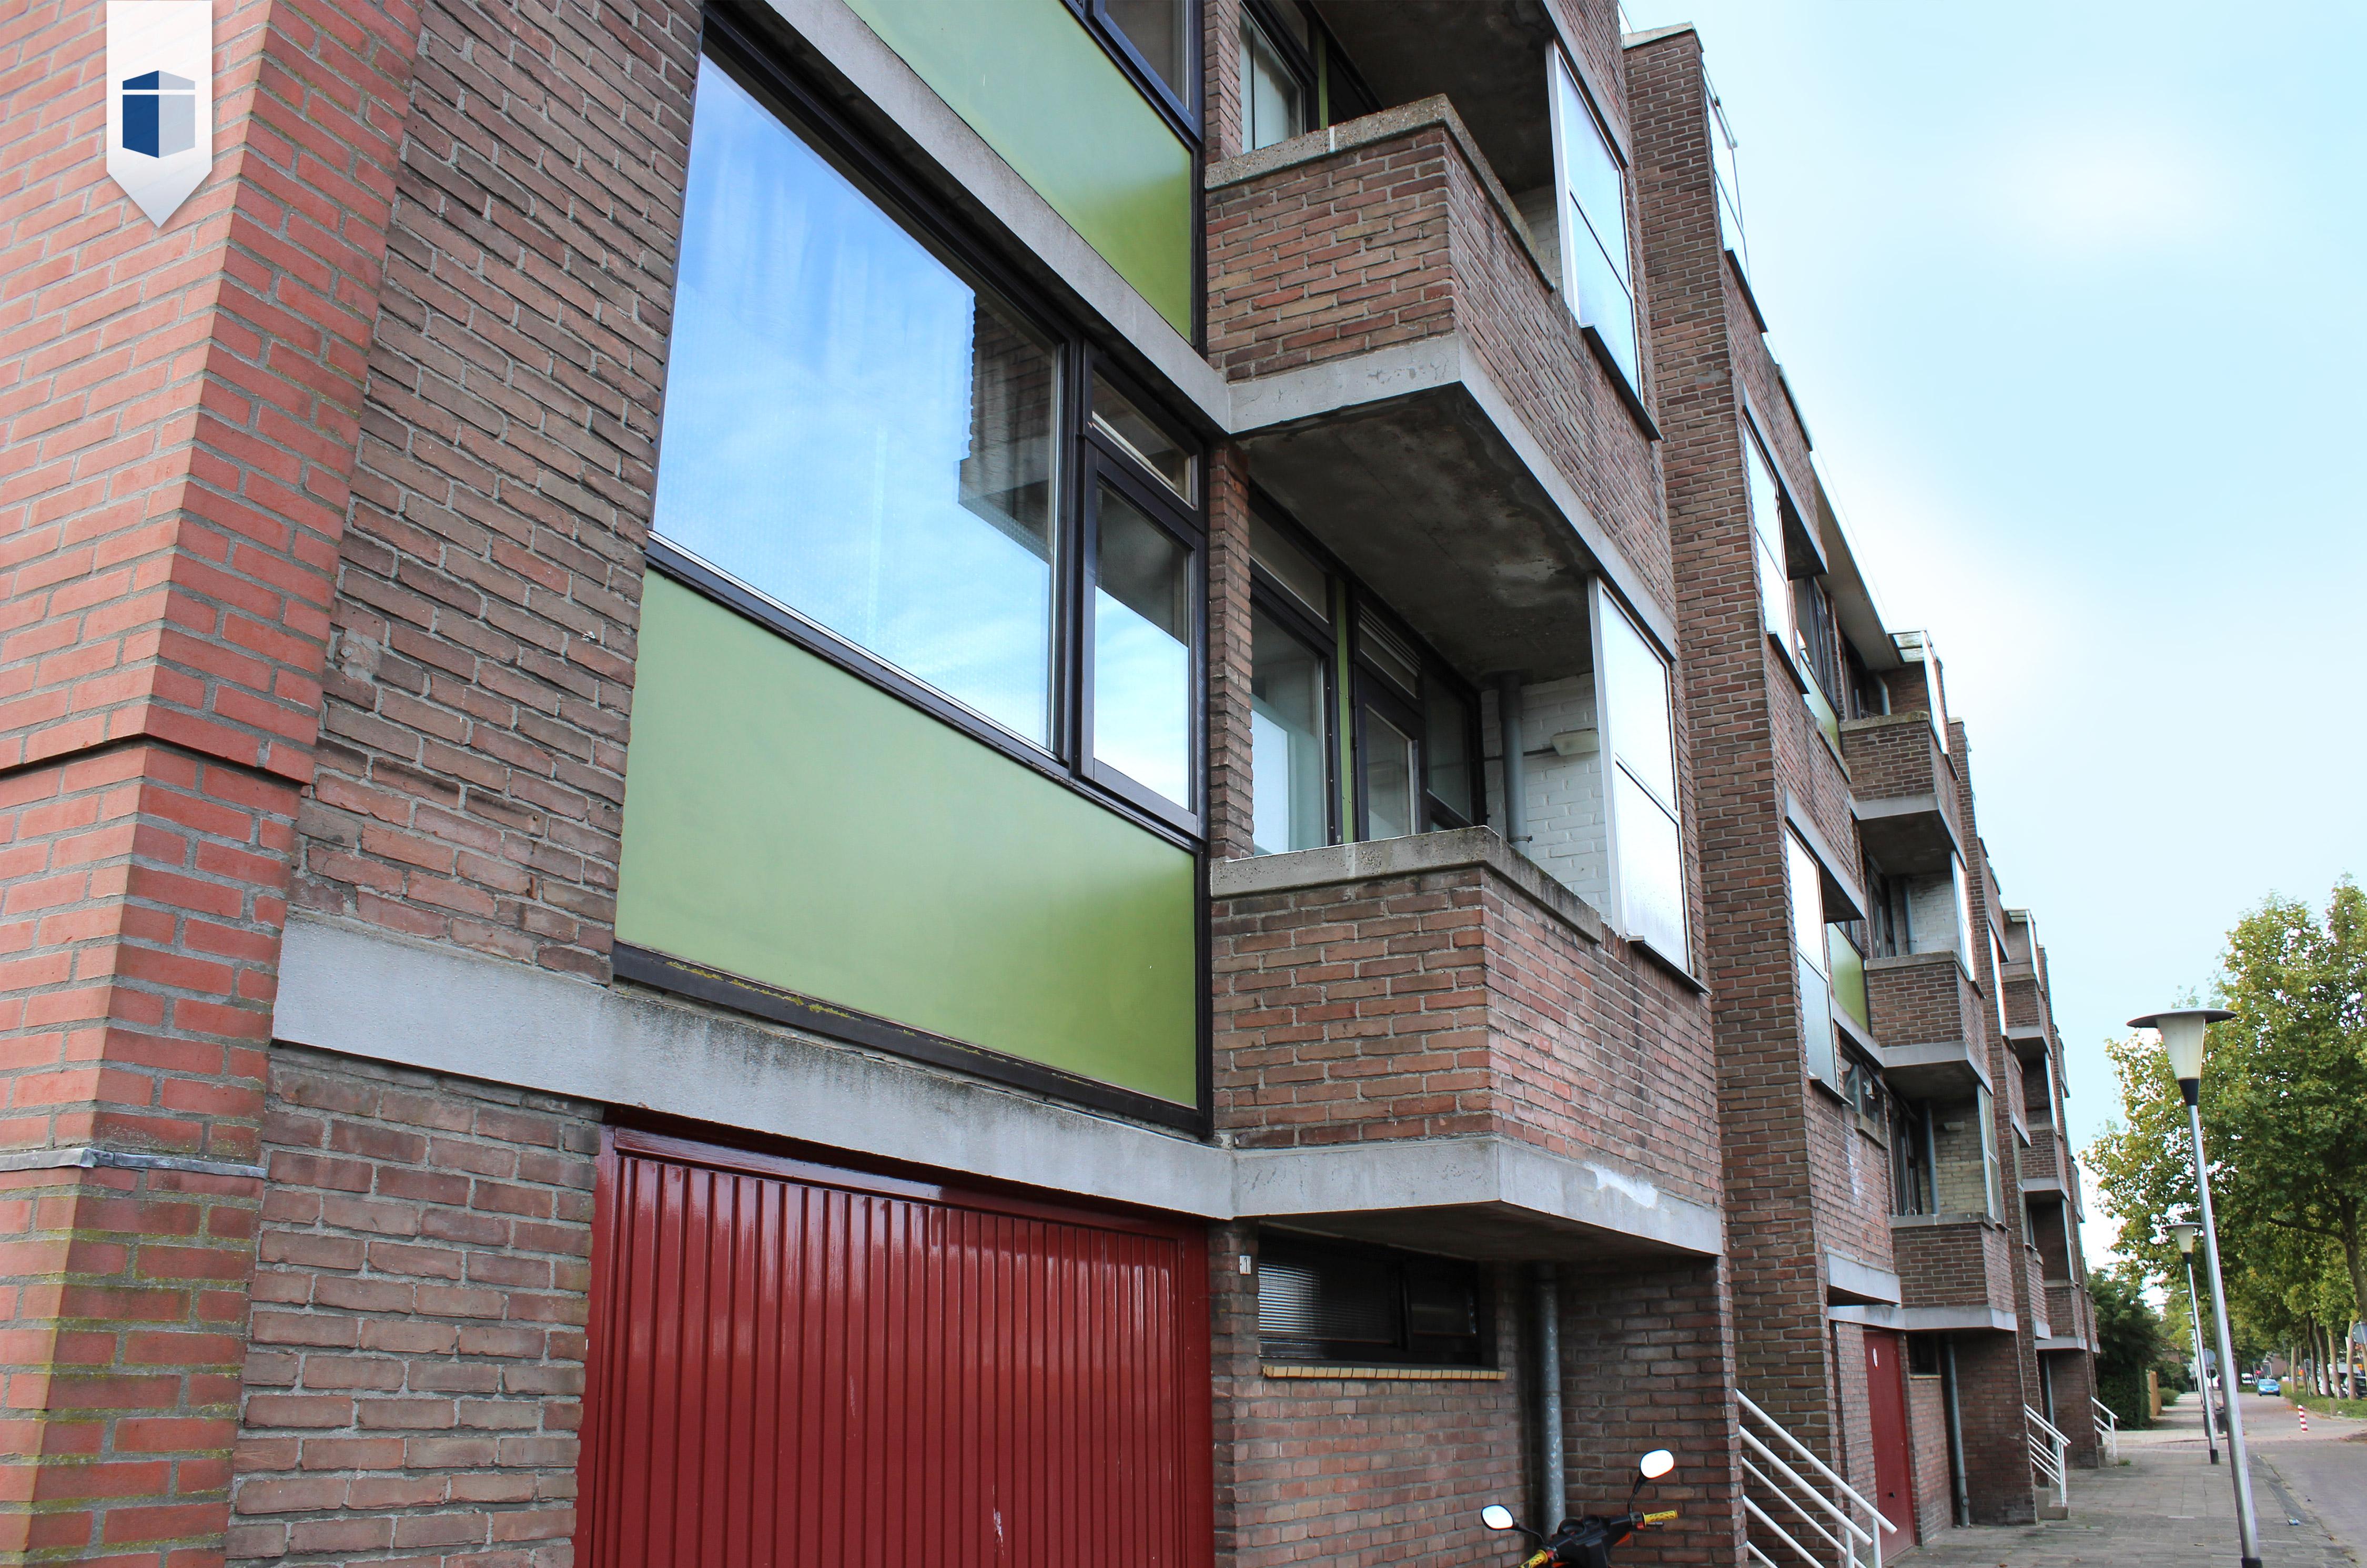 Wunderbar Tijdelijk Verhuur Appartementen: Lindberghplein